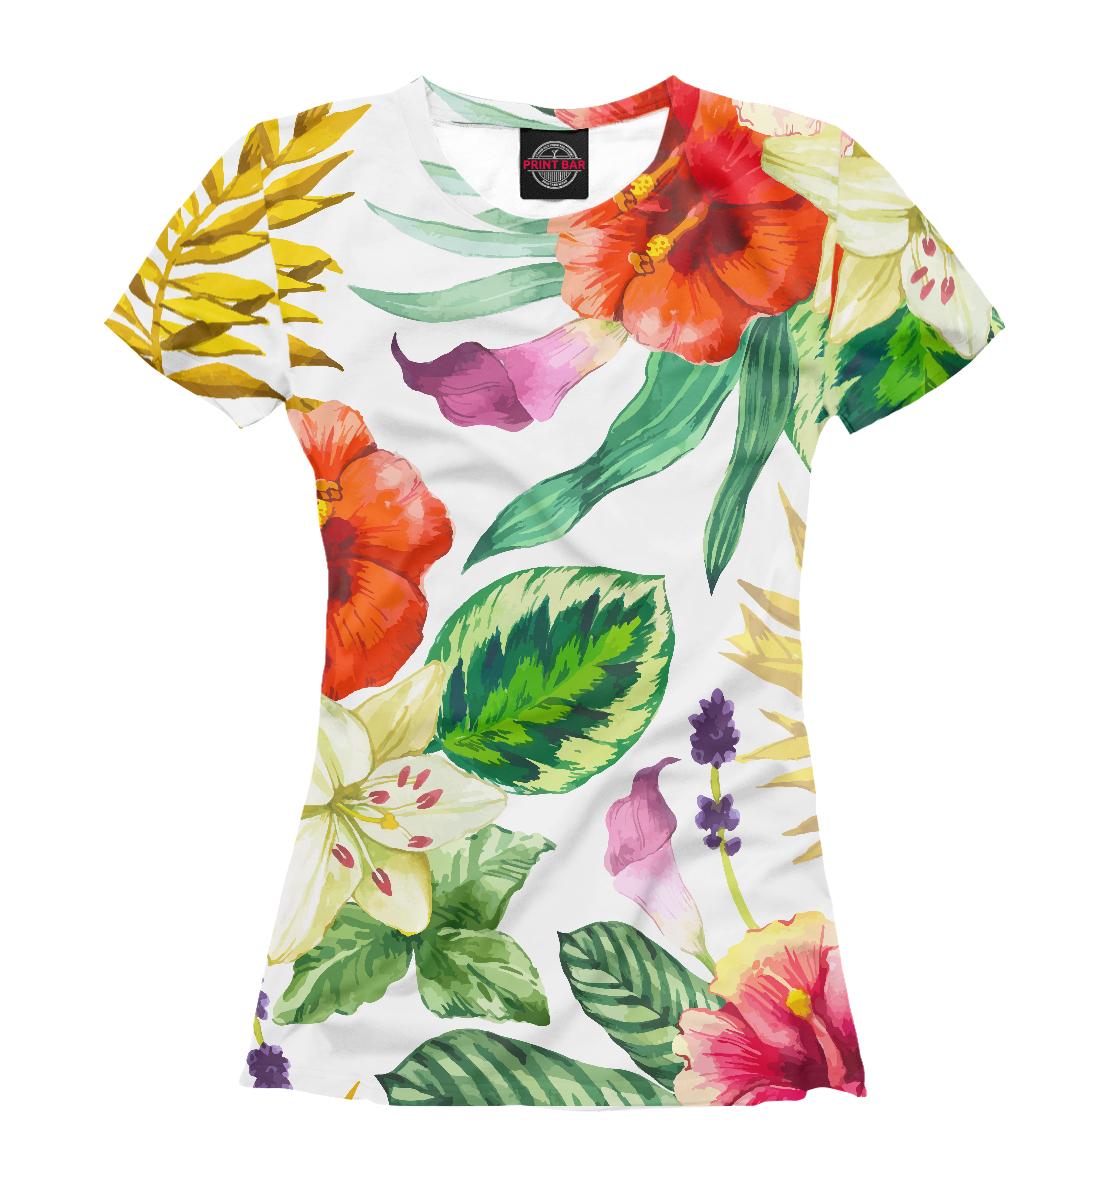 ЦВЕТЫ цветы, Printbar, Футболки, CVE-270295-fut-1  - купить со скидкой